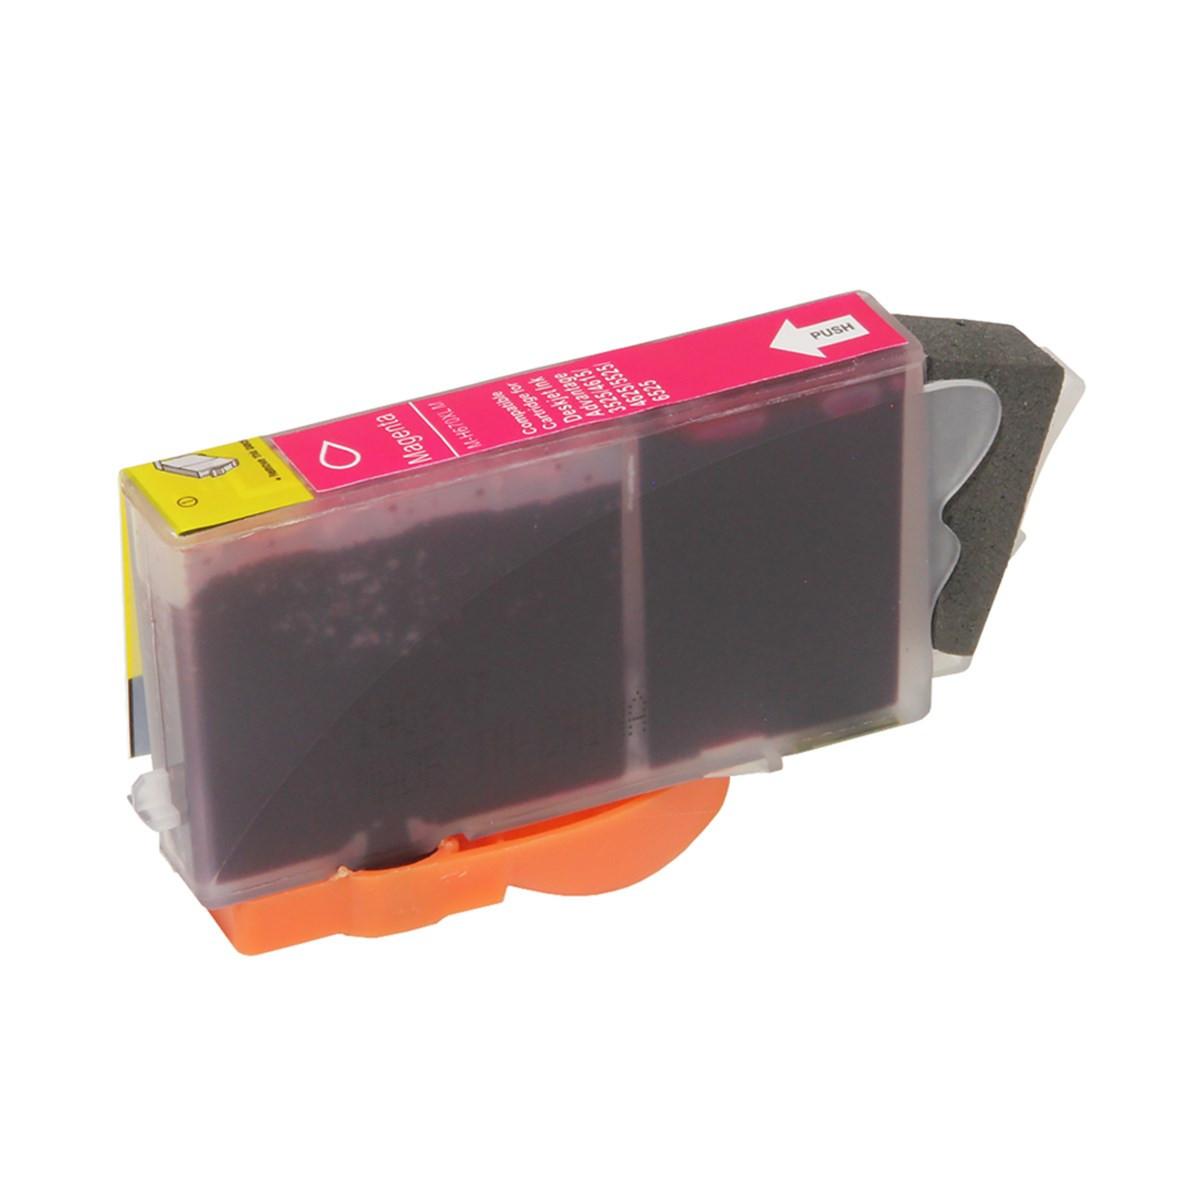 Cartucho de Tinta Compatível com HP 670XL CZ119AB | 4615 5525 4625 | Magenta | Importado 14ml